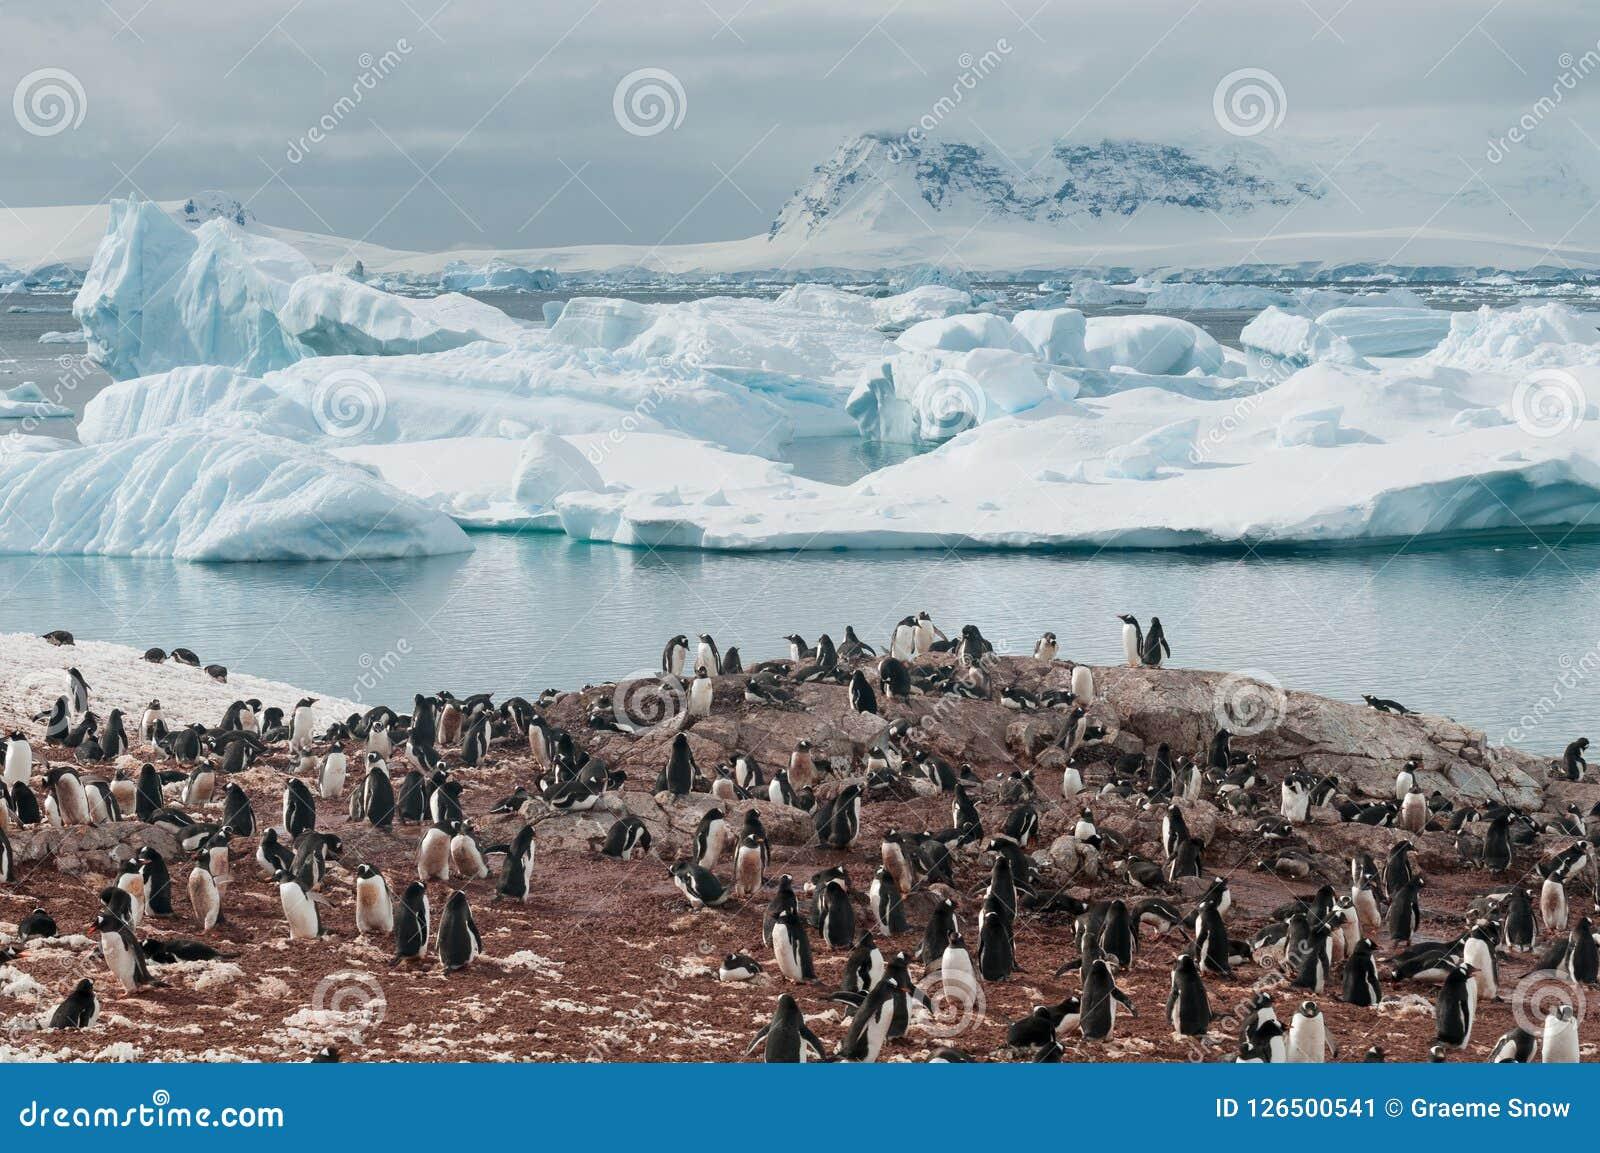 嵌套Gentoo企鹅,库佛维尔岛,南极半岛